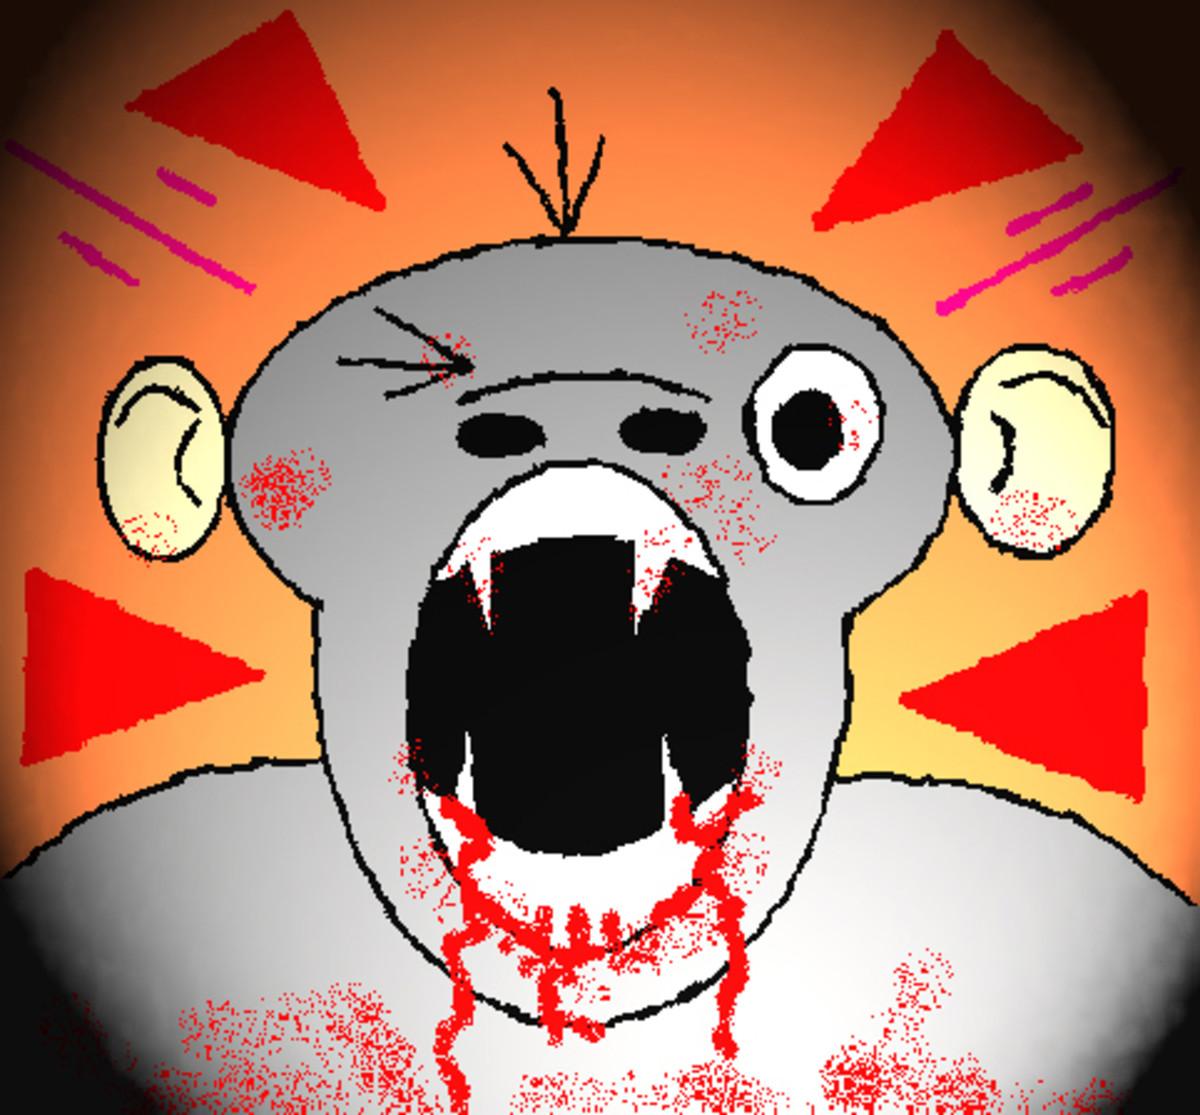 chimp-attack